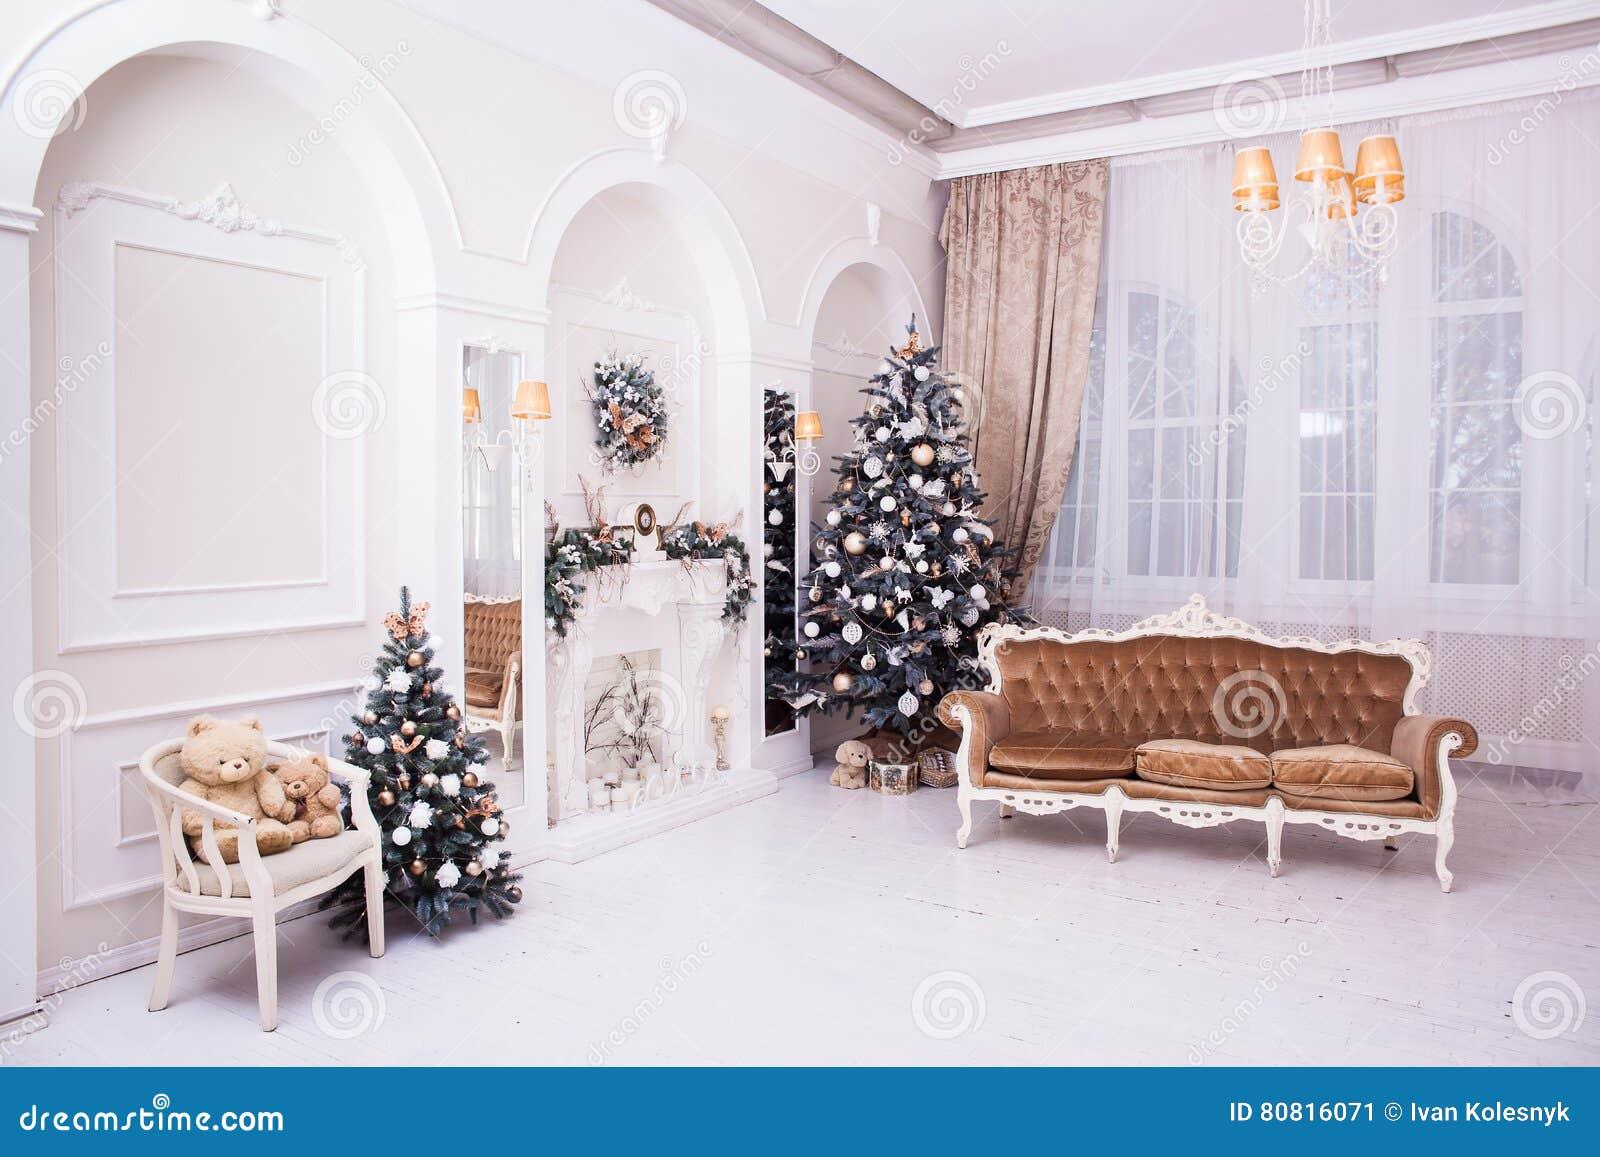 Dekoration Des Winter Neuen Jahres Und Des Weihnachten In Der Klassischen  Halle